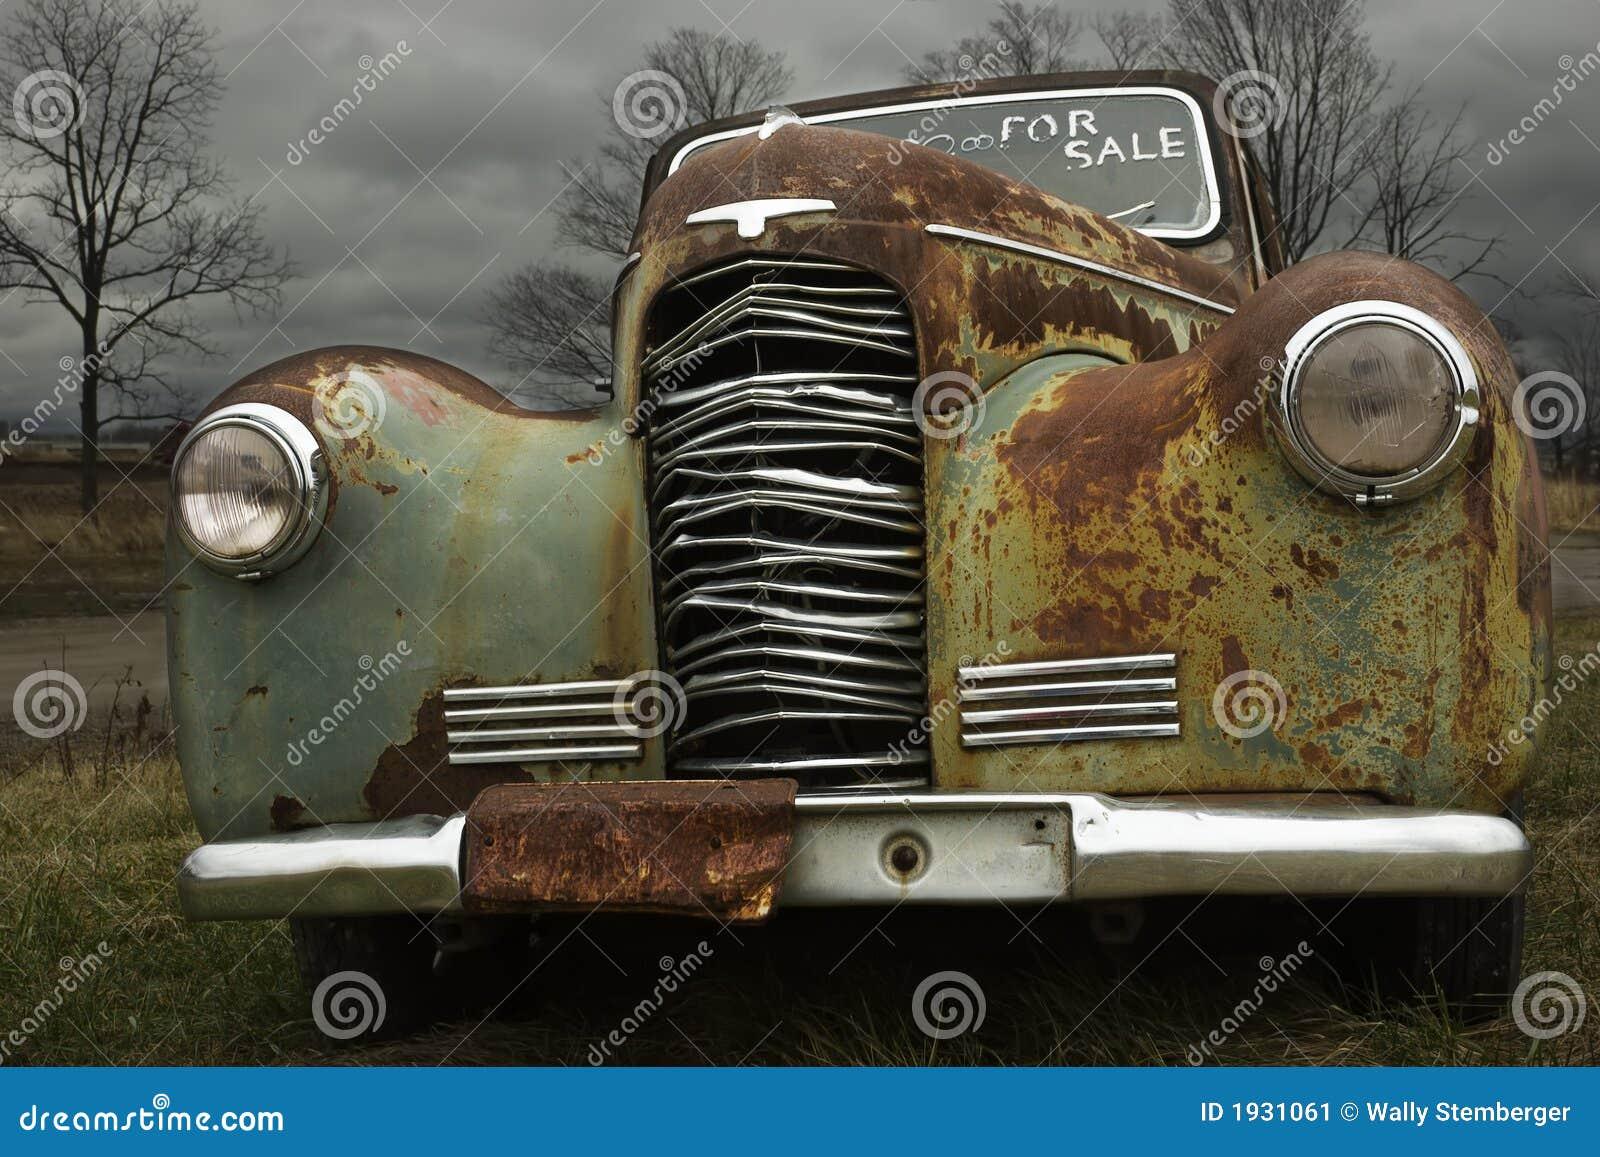 1930 s Antique car